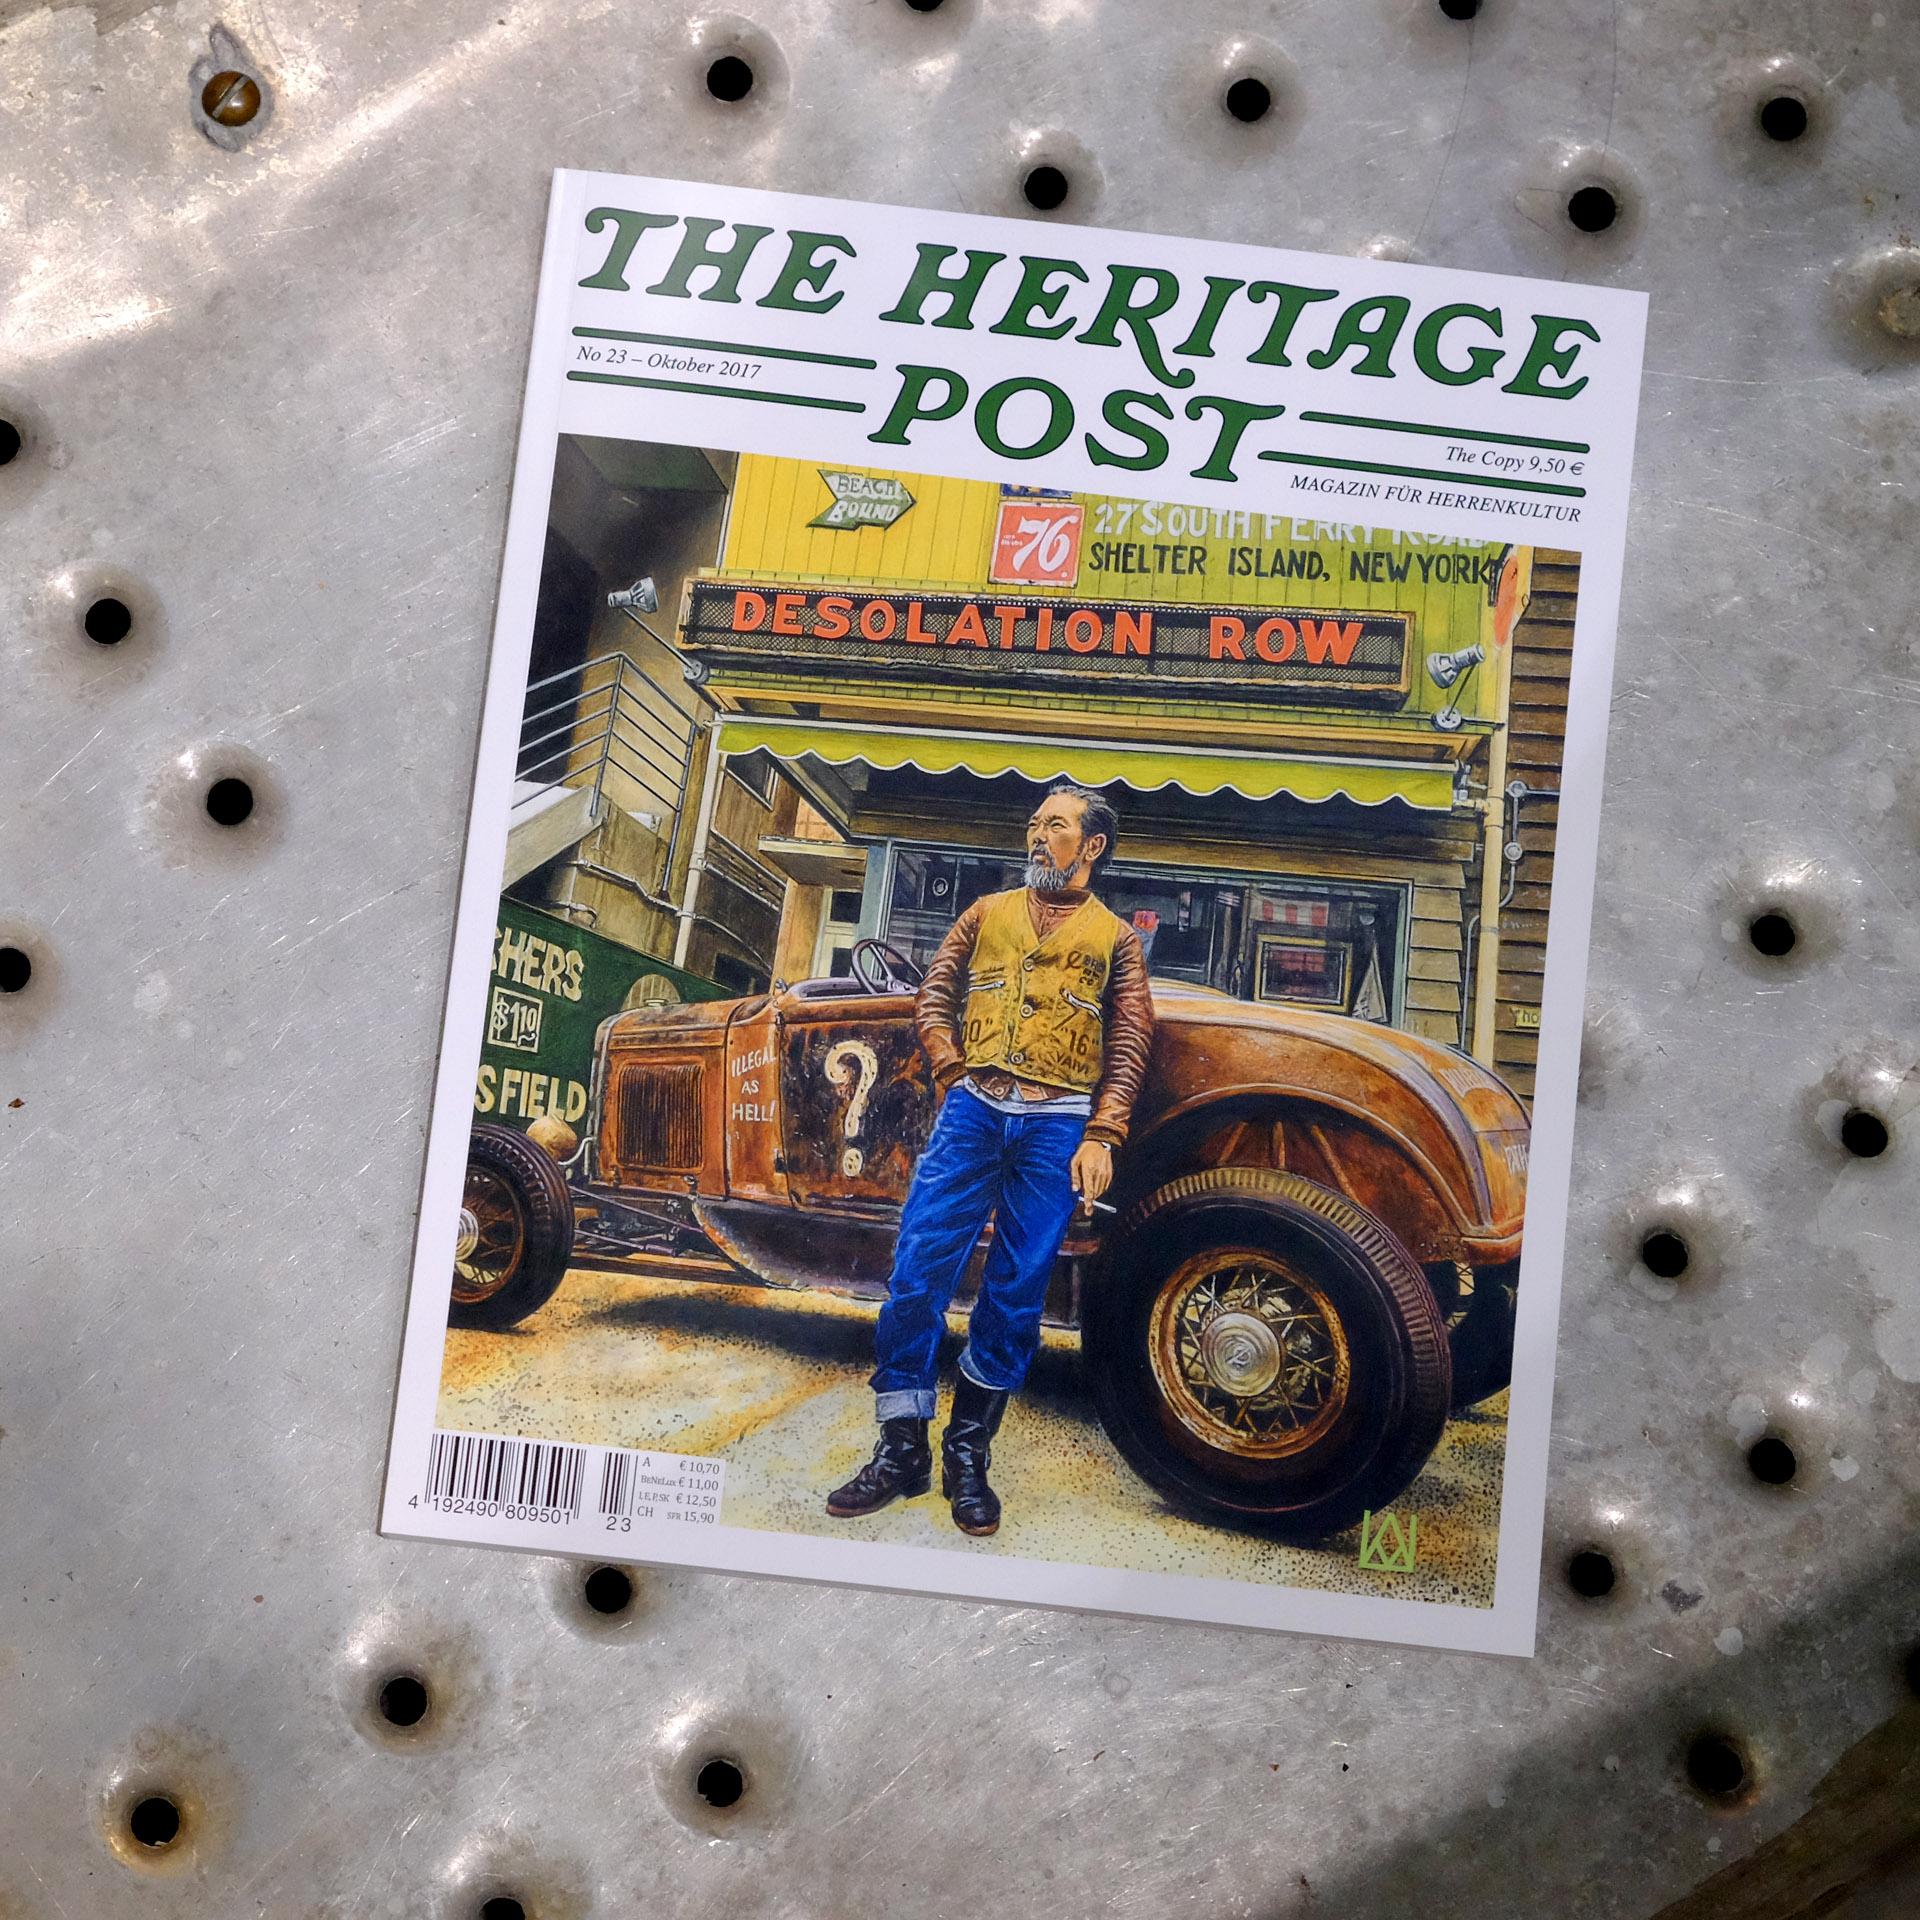 theheritagepost-herrenkultur-magazin-no.23-ausgabe-oktober2017